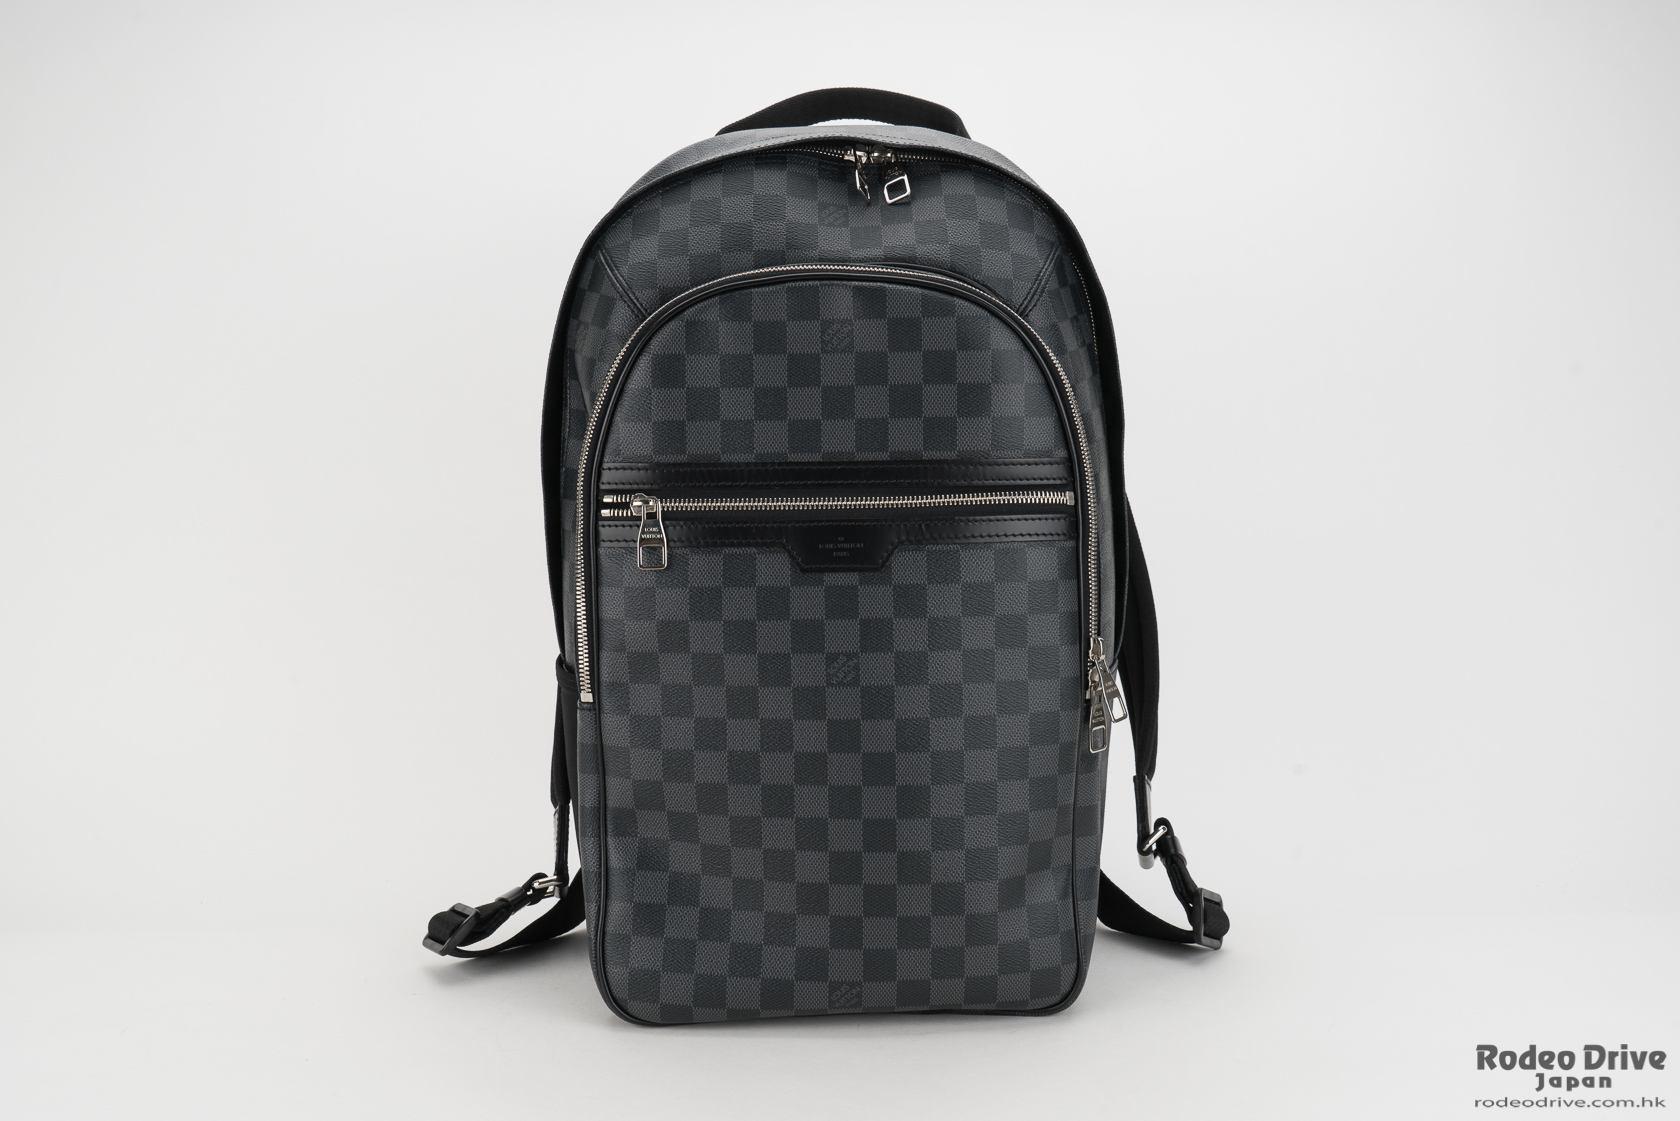 Miglior signore insacca vendere classico sacchetto di moda maschile borsa unisex dello zaino di modo una spalla di alpinismo di viaggio